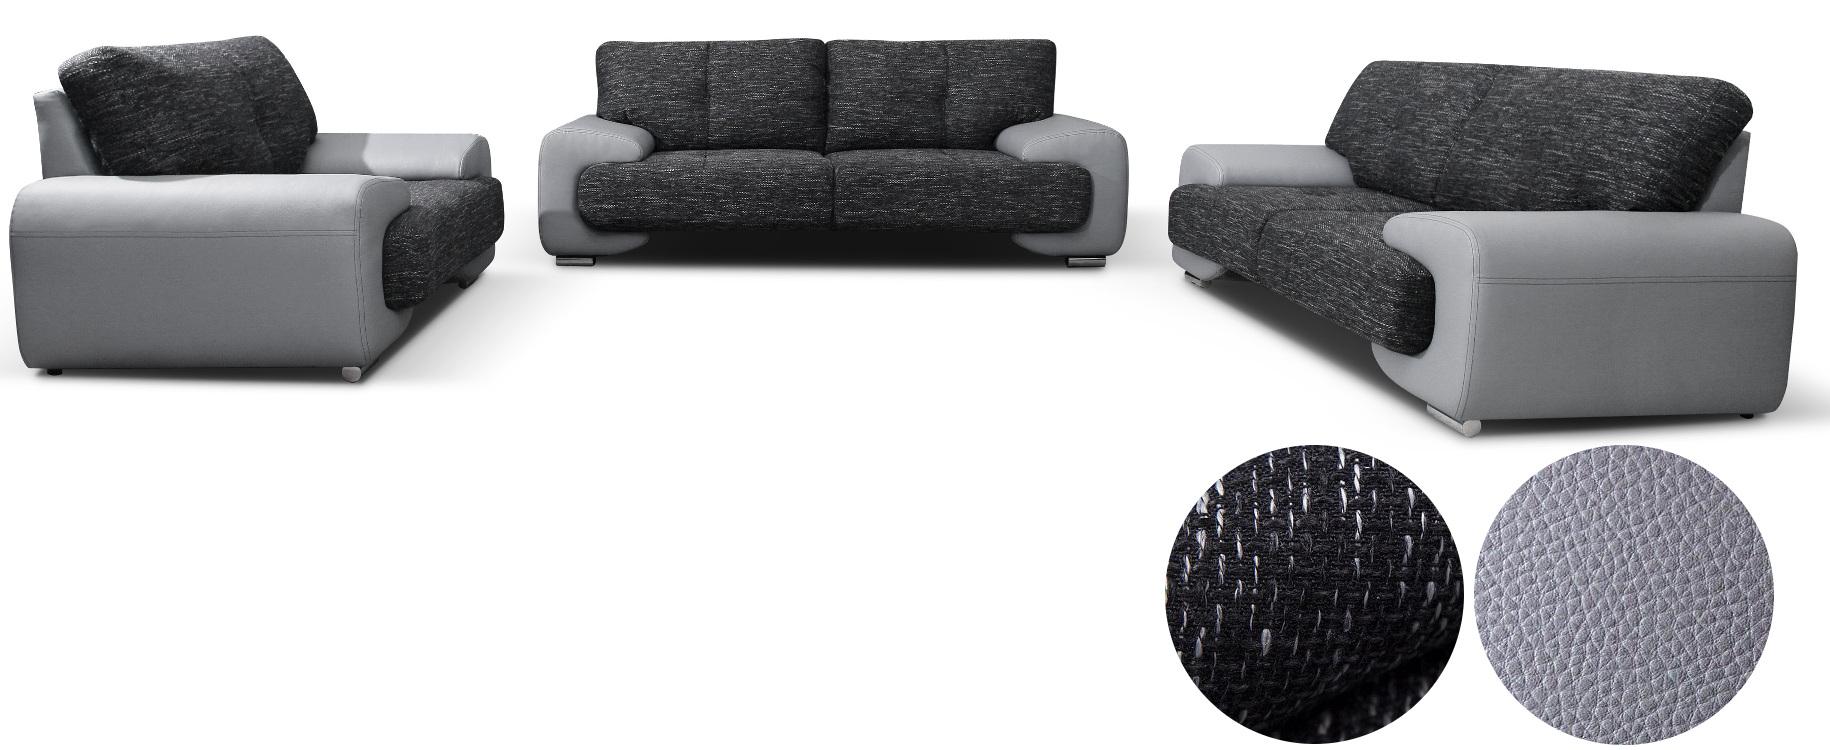 polstergarnitur sofa set couch 3er 2er sessel 3 2 1. Black Bedroom Furniture Sets. Home Design Ideas